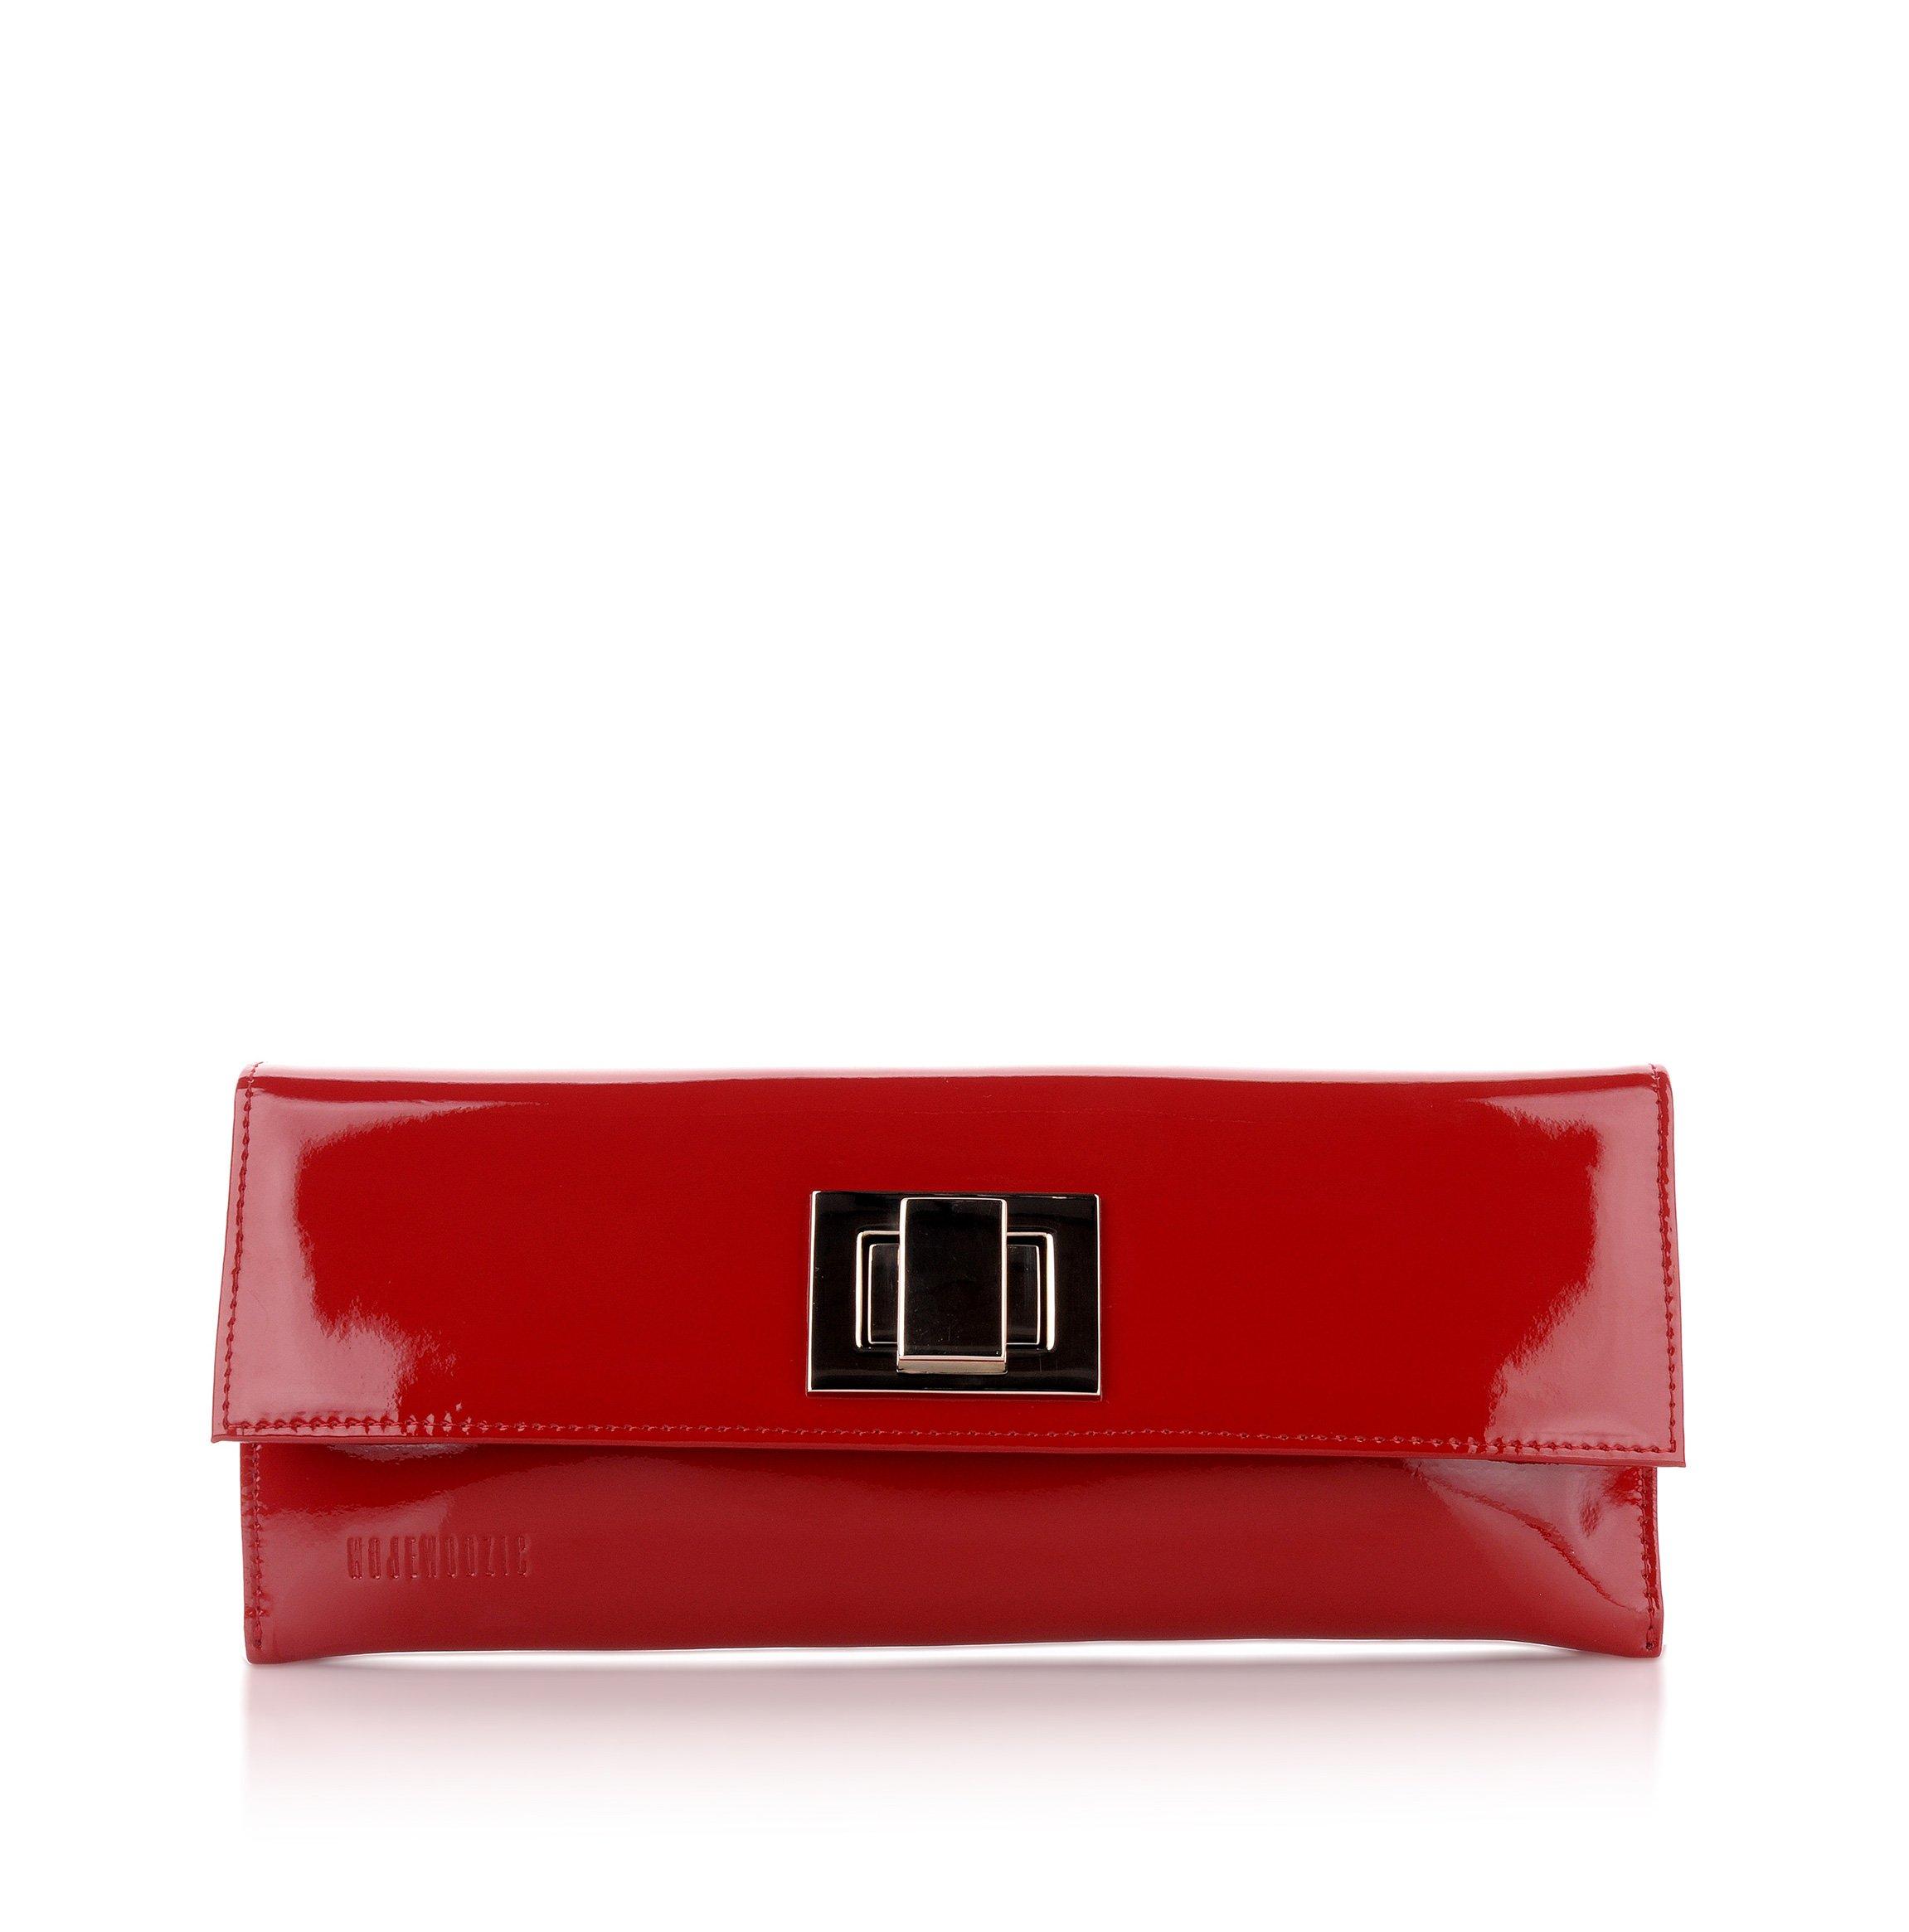 Kožená kabelka spoločenská listová malá Wojewodzic červená 39216 PL02 3a0805a975d